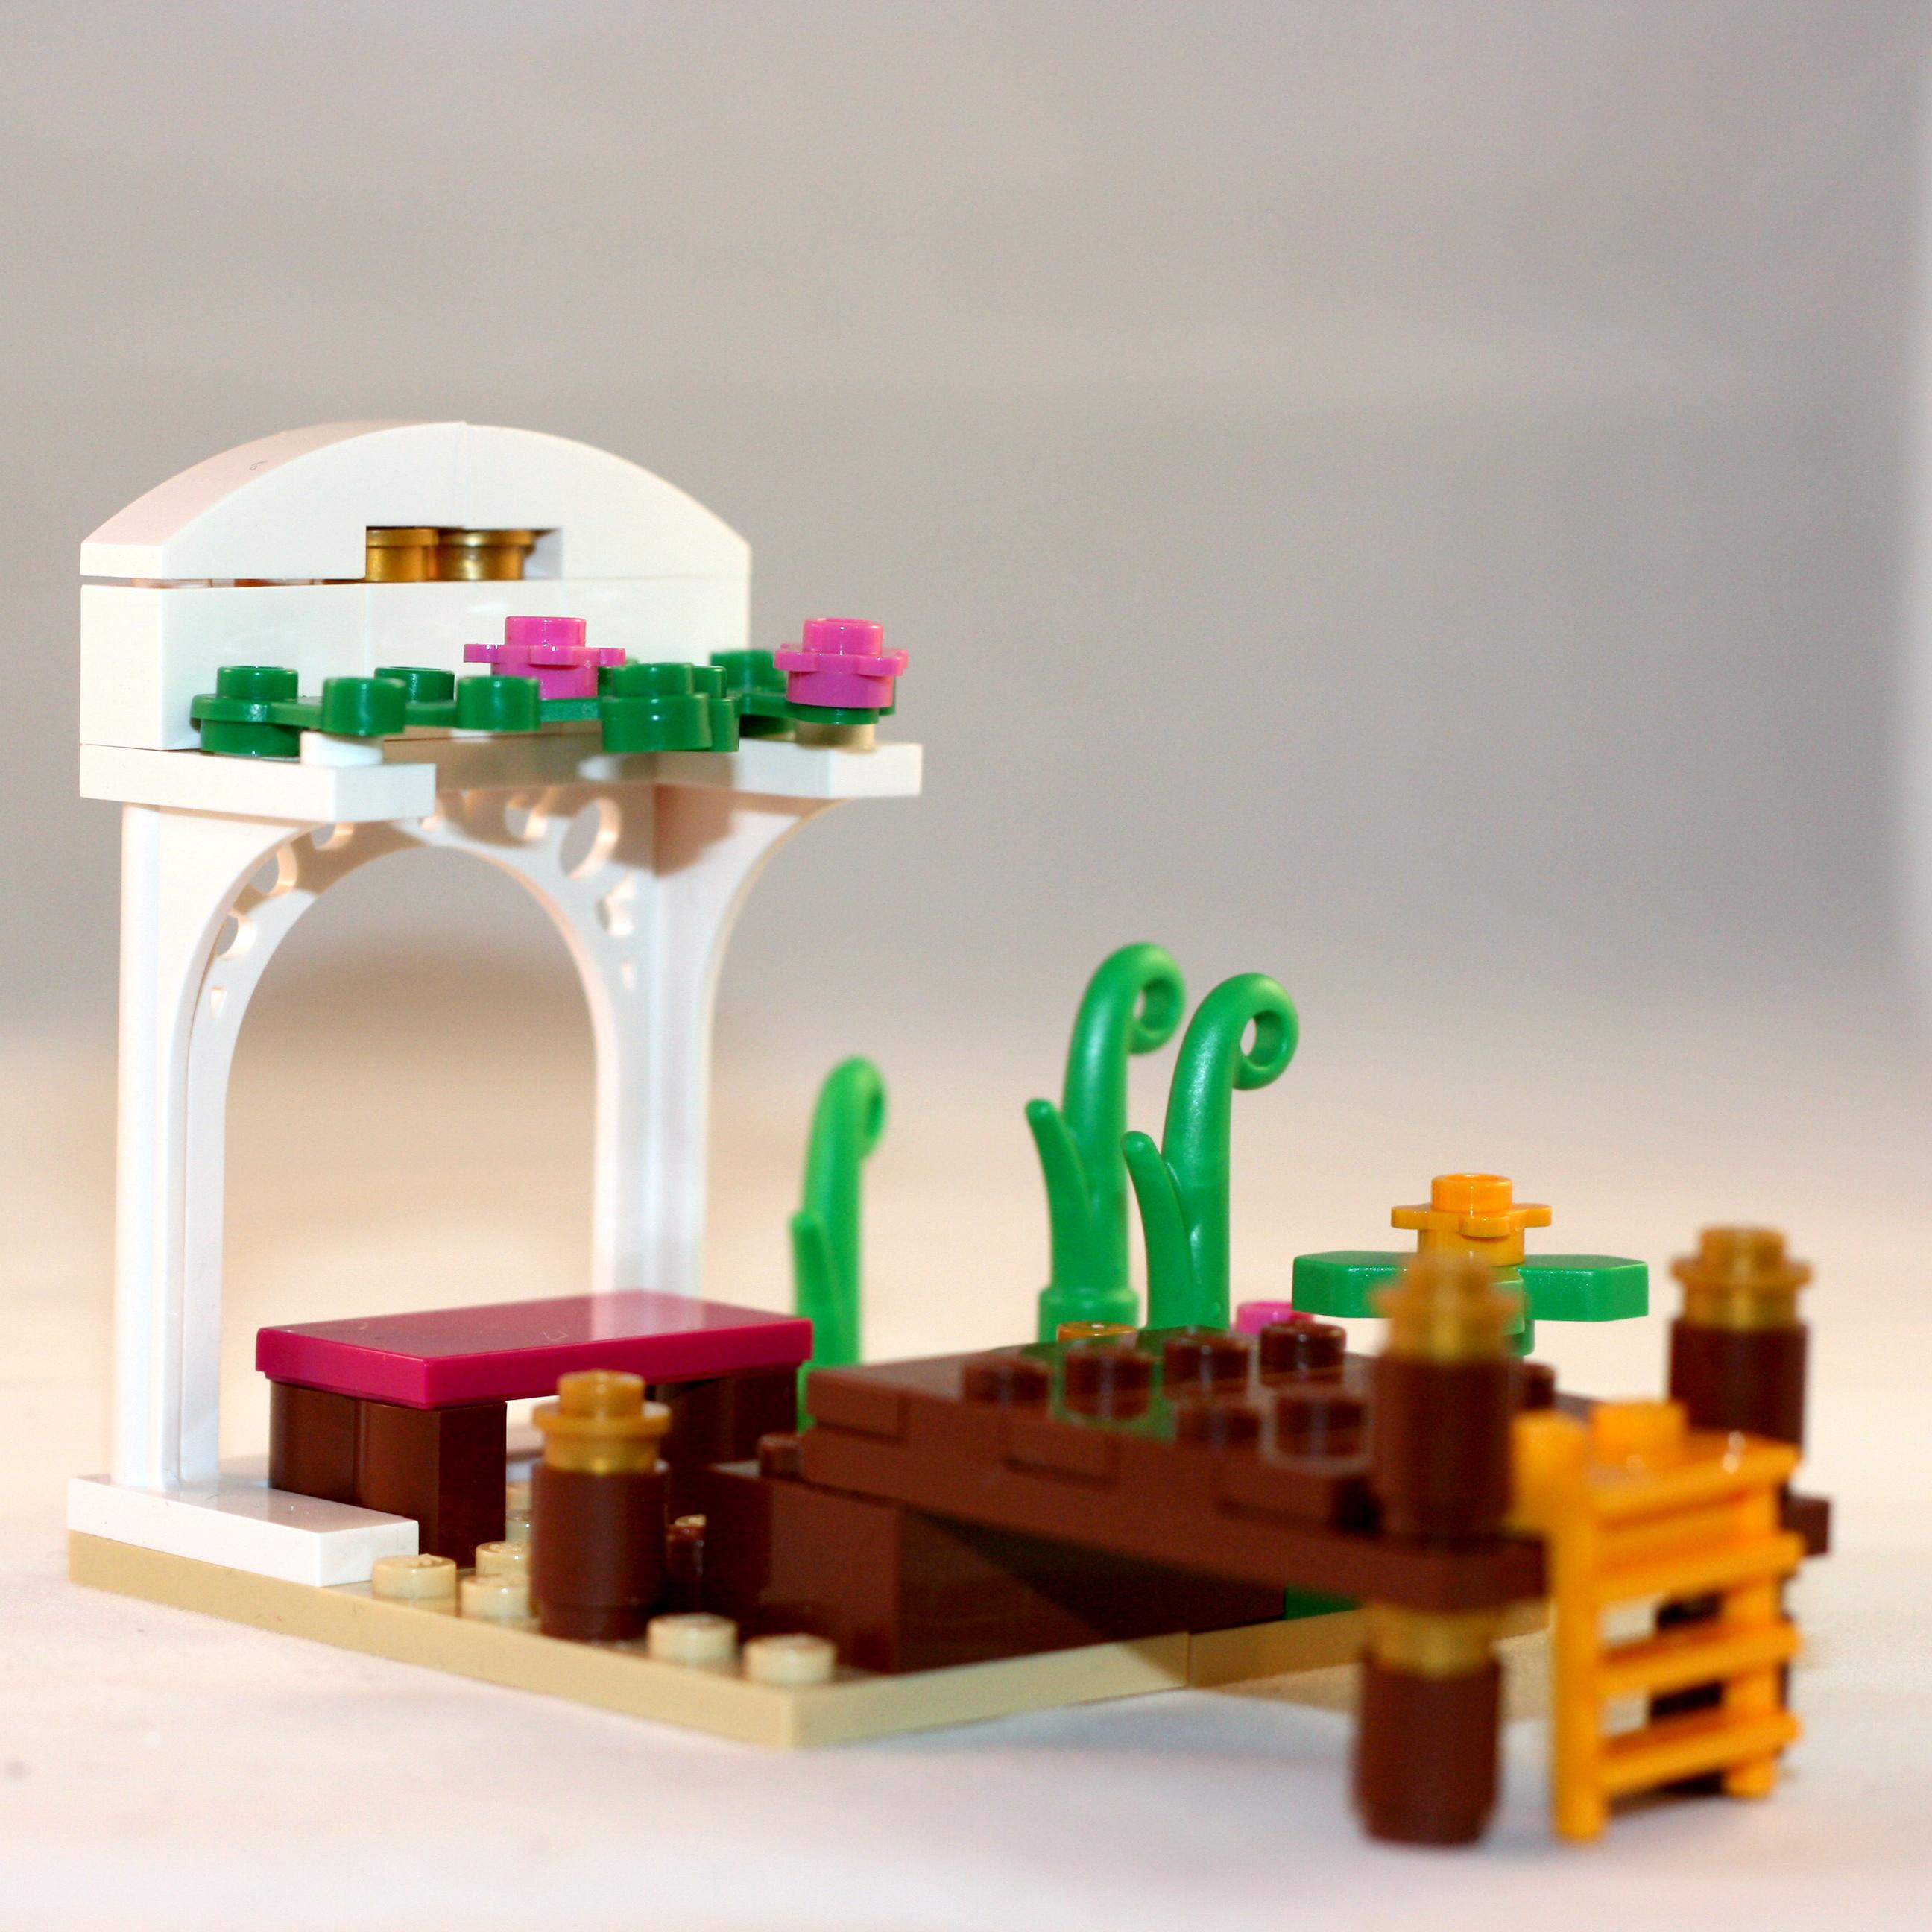 LEGO_Ariel_Dock_2